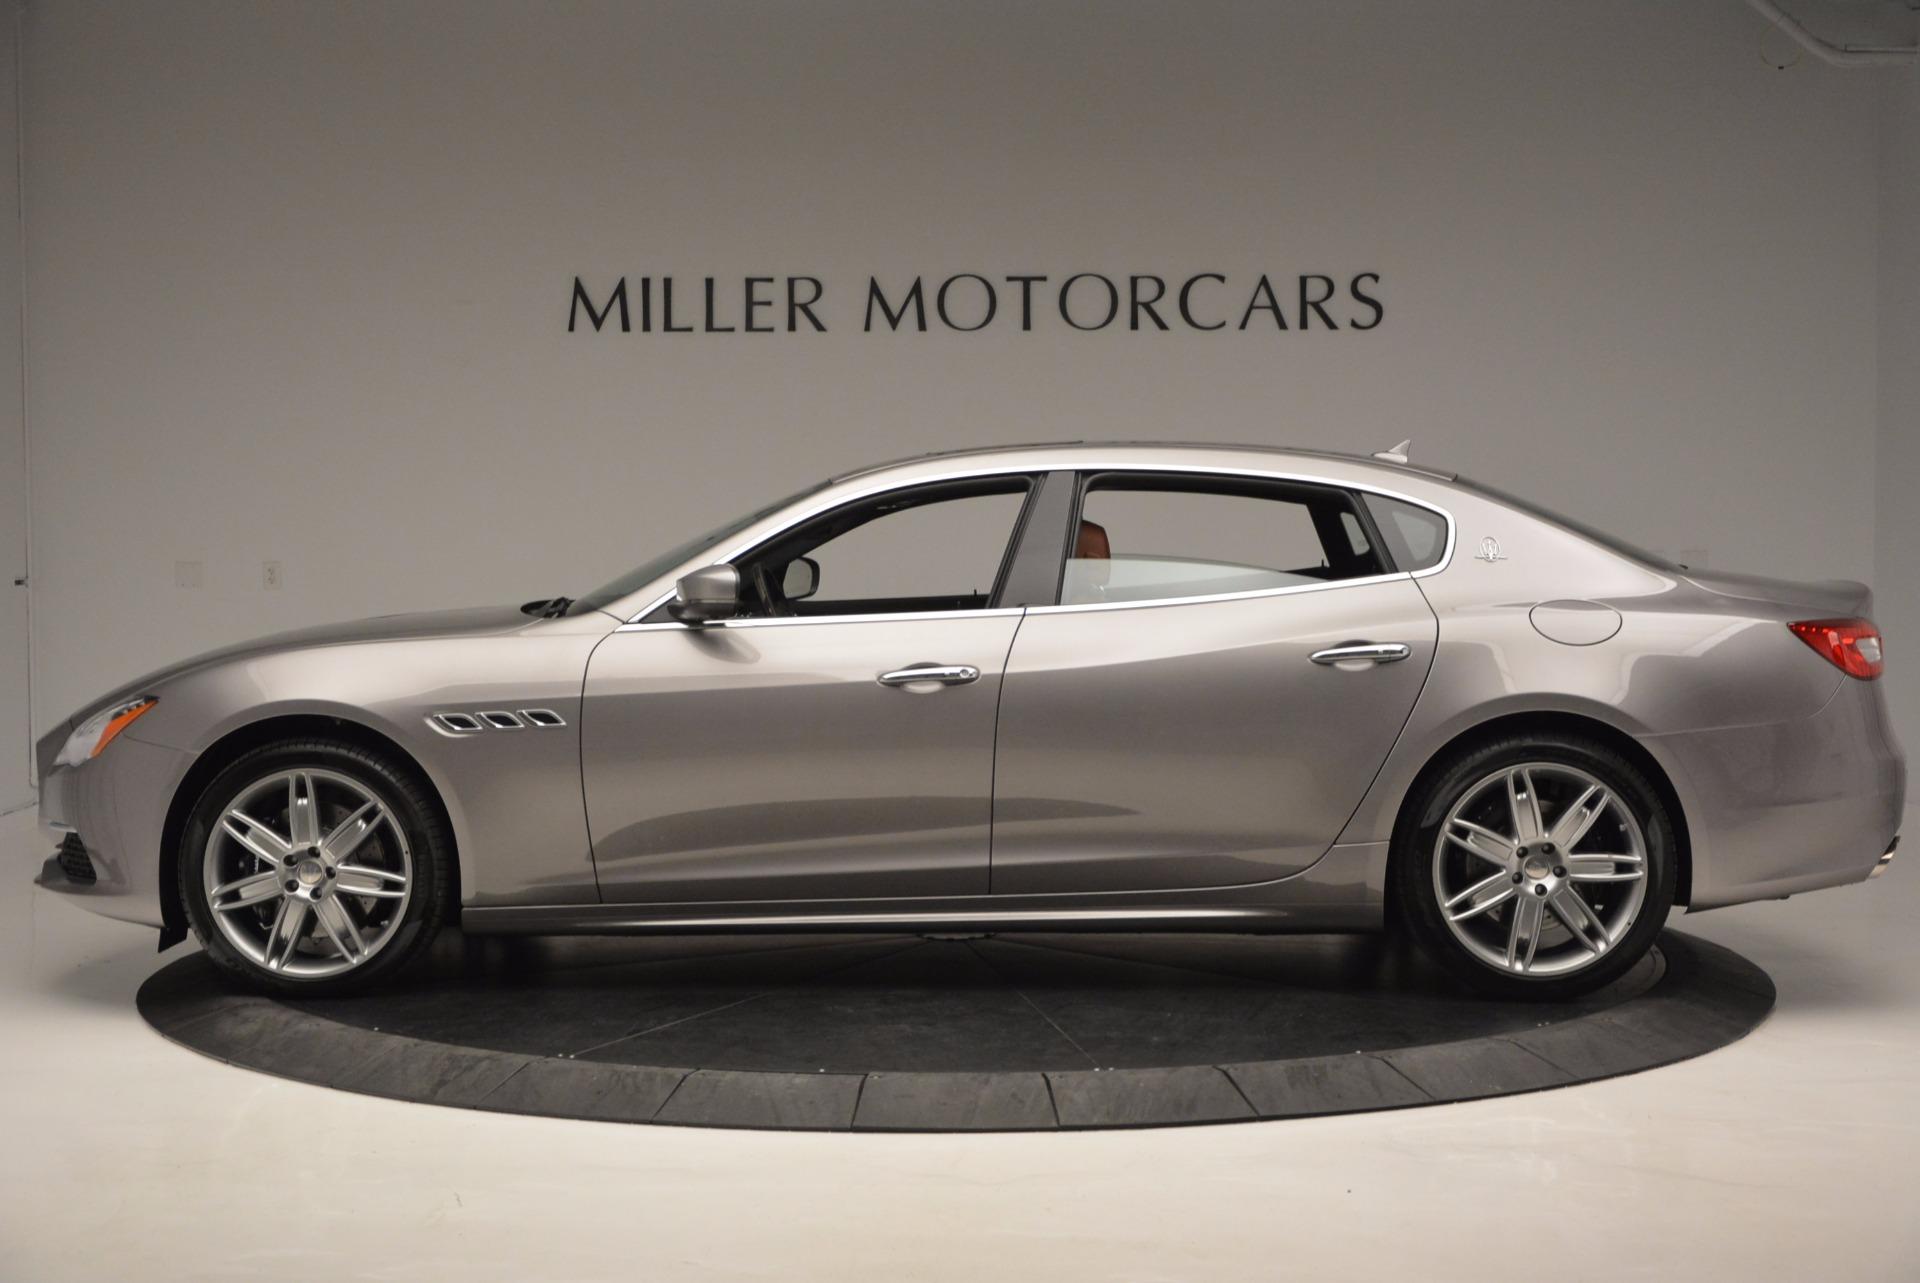 New 2017 Maserati Quattroporte S Q4 GranLusso For Sale In Westport, CT 1266_p3